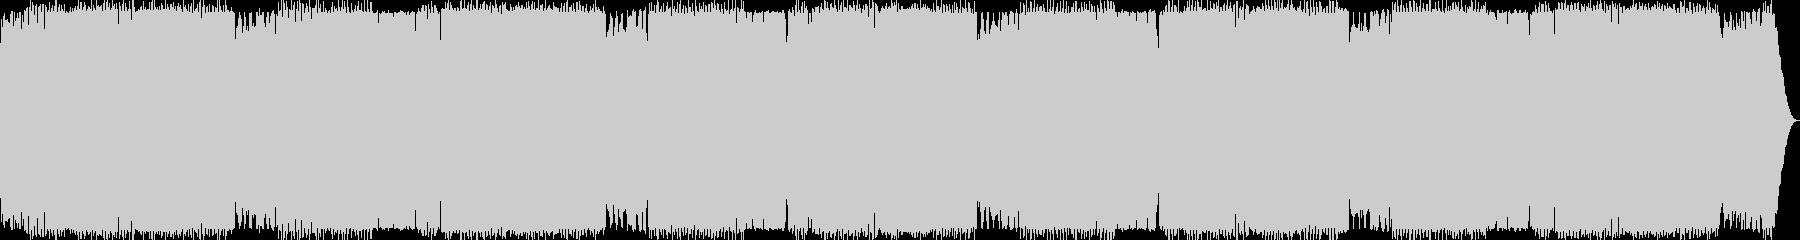 BPM160:ワークアウト15分の未再生の波形